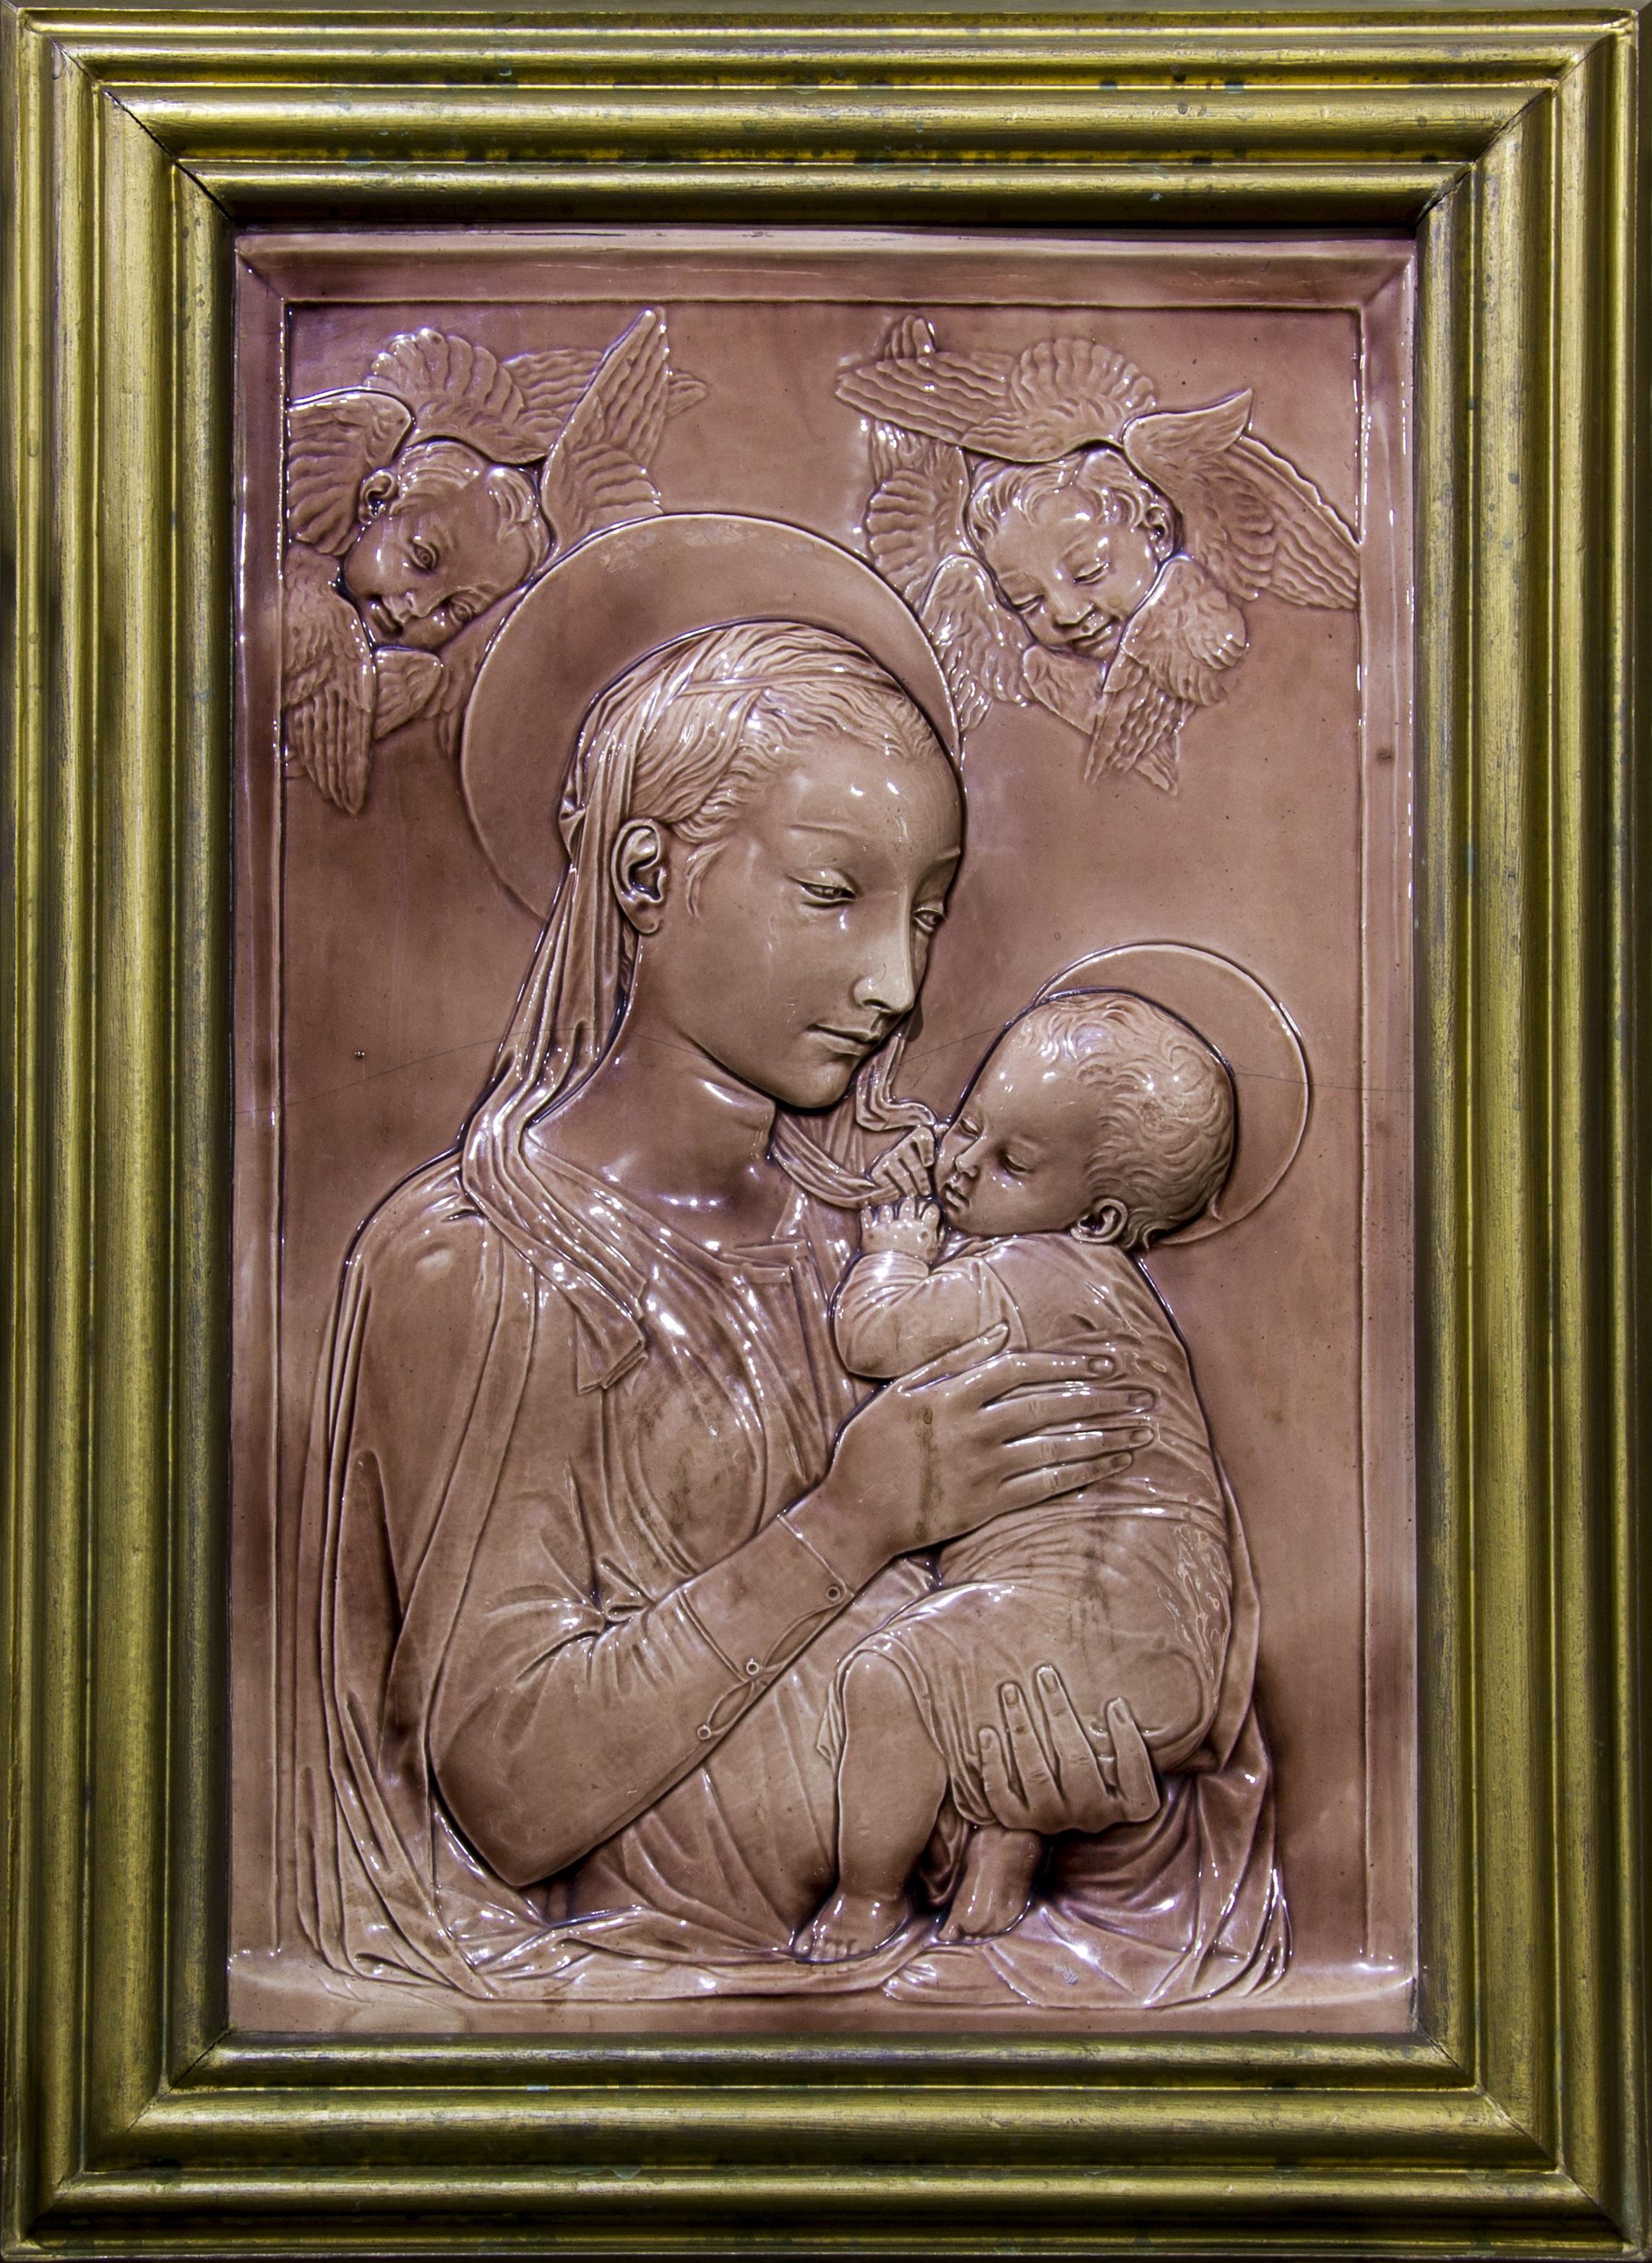 Fotos gratis : Monumento, estatua, religión, Iglesia, cristiano ...